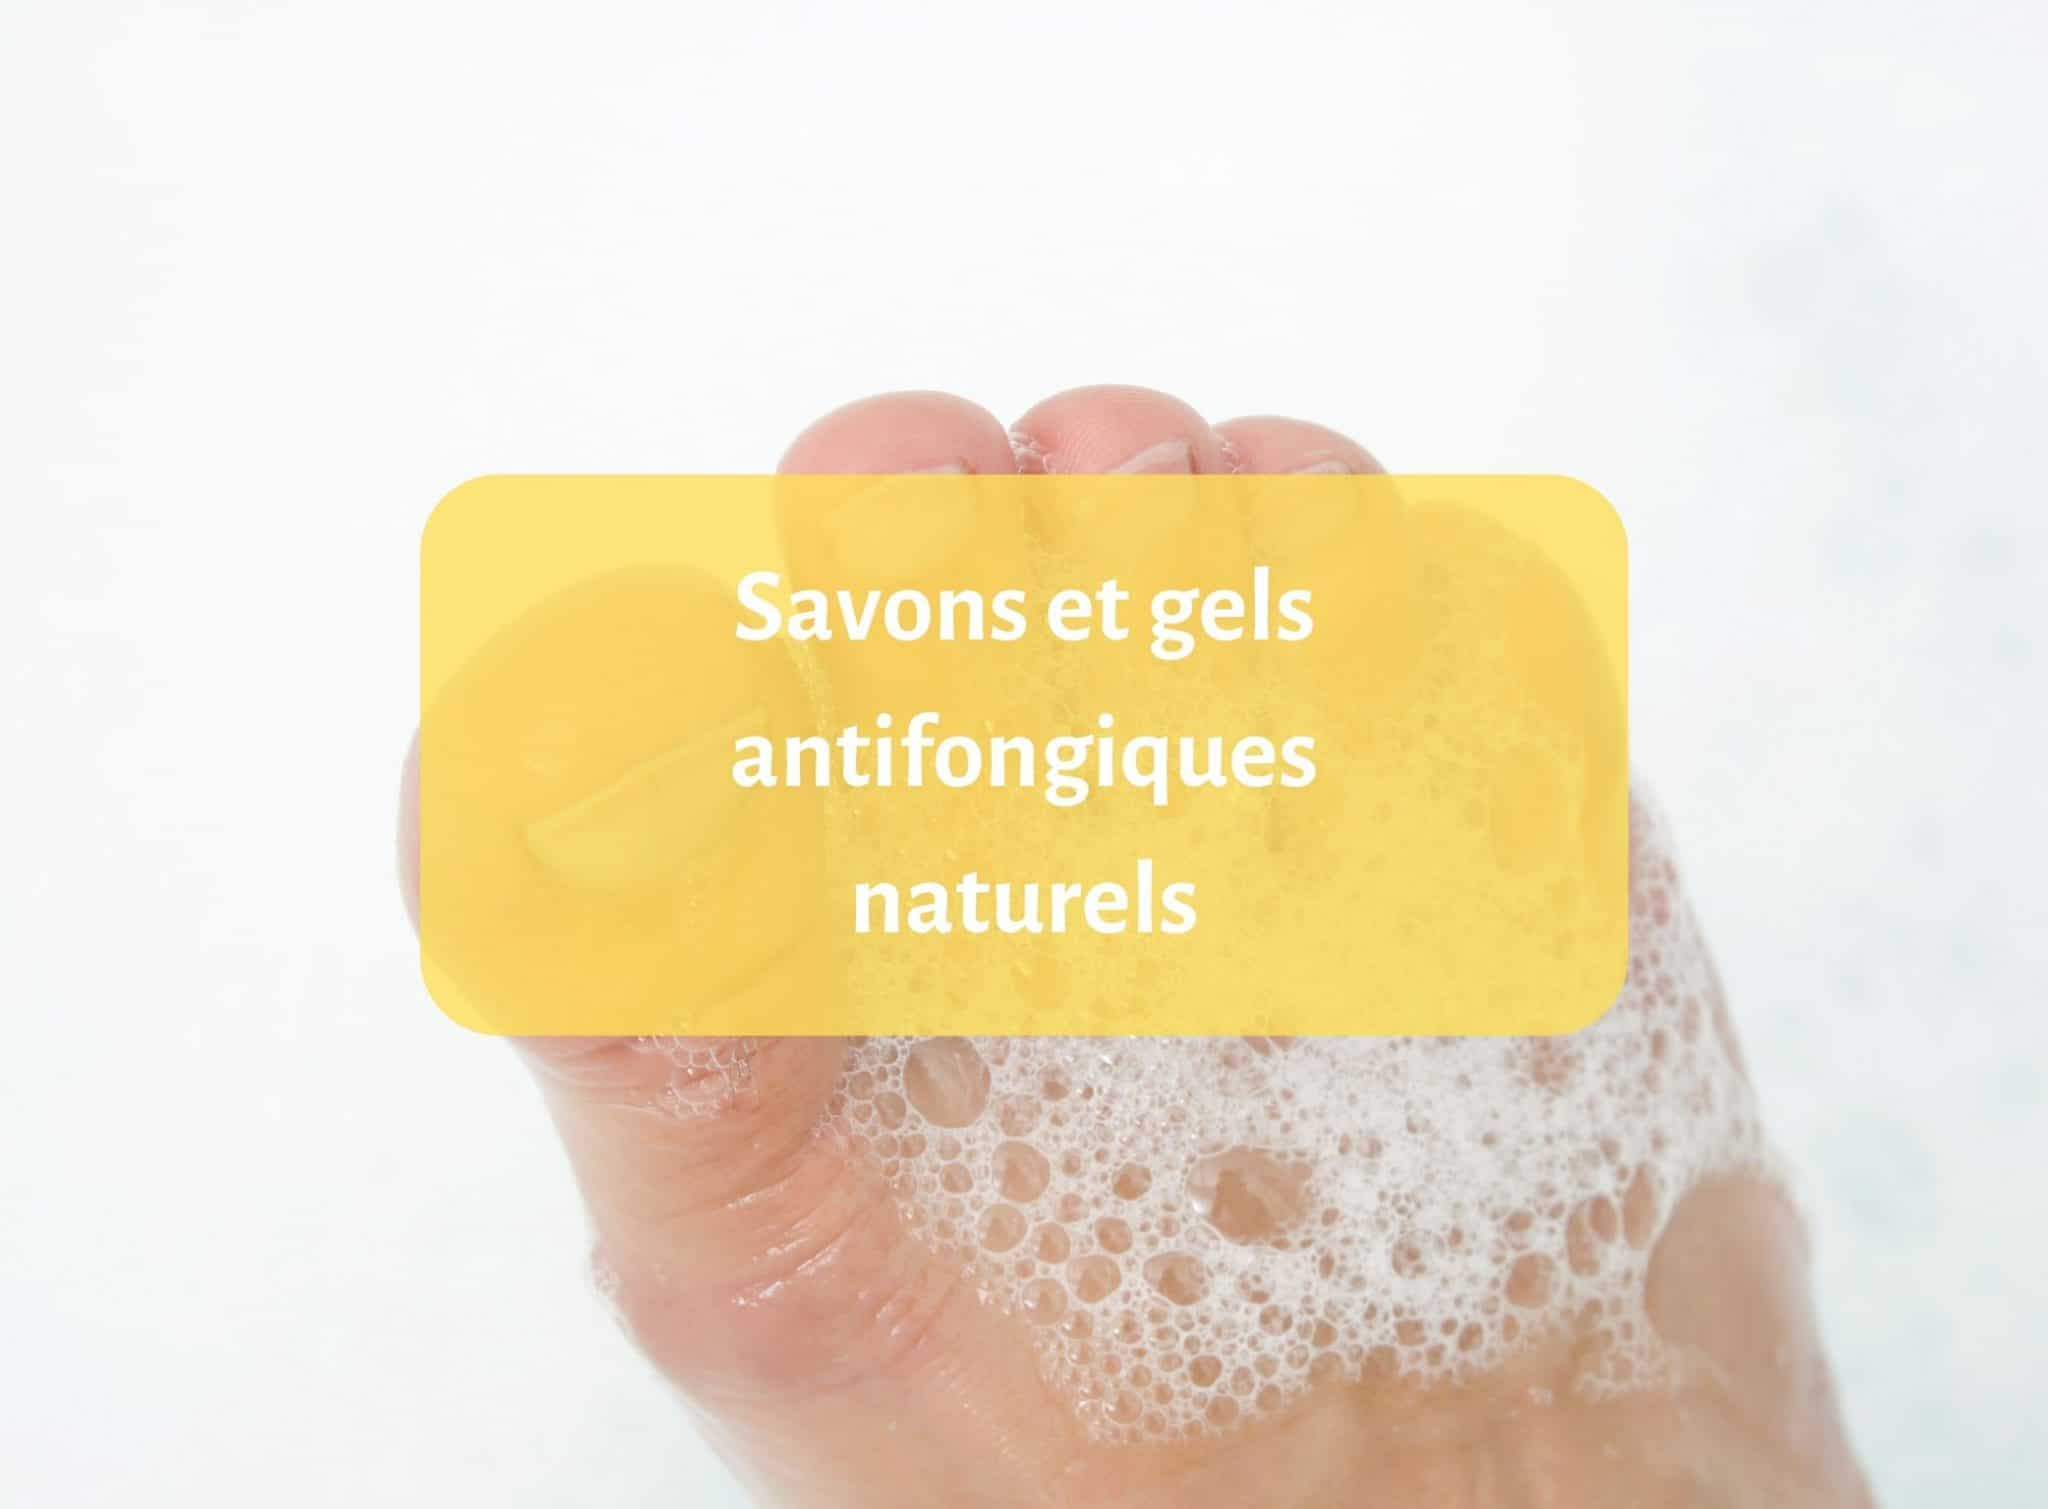 Notre top des savons antifongiques naturels – Notre Avis